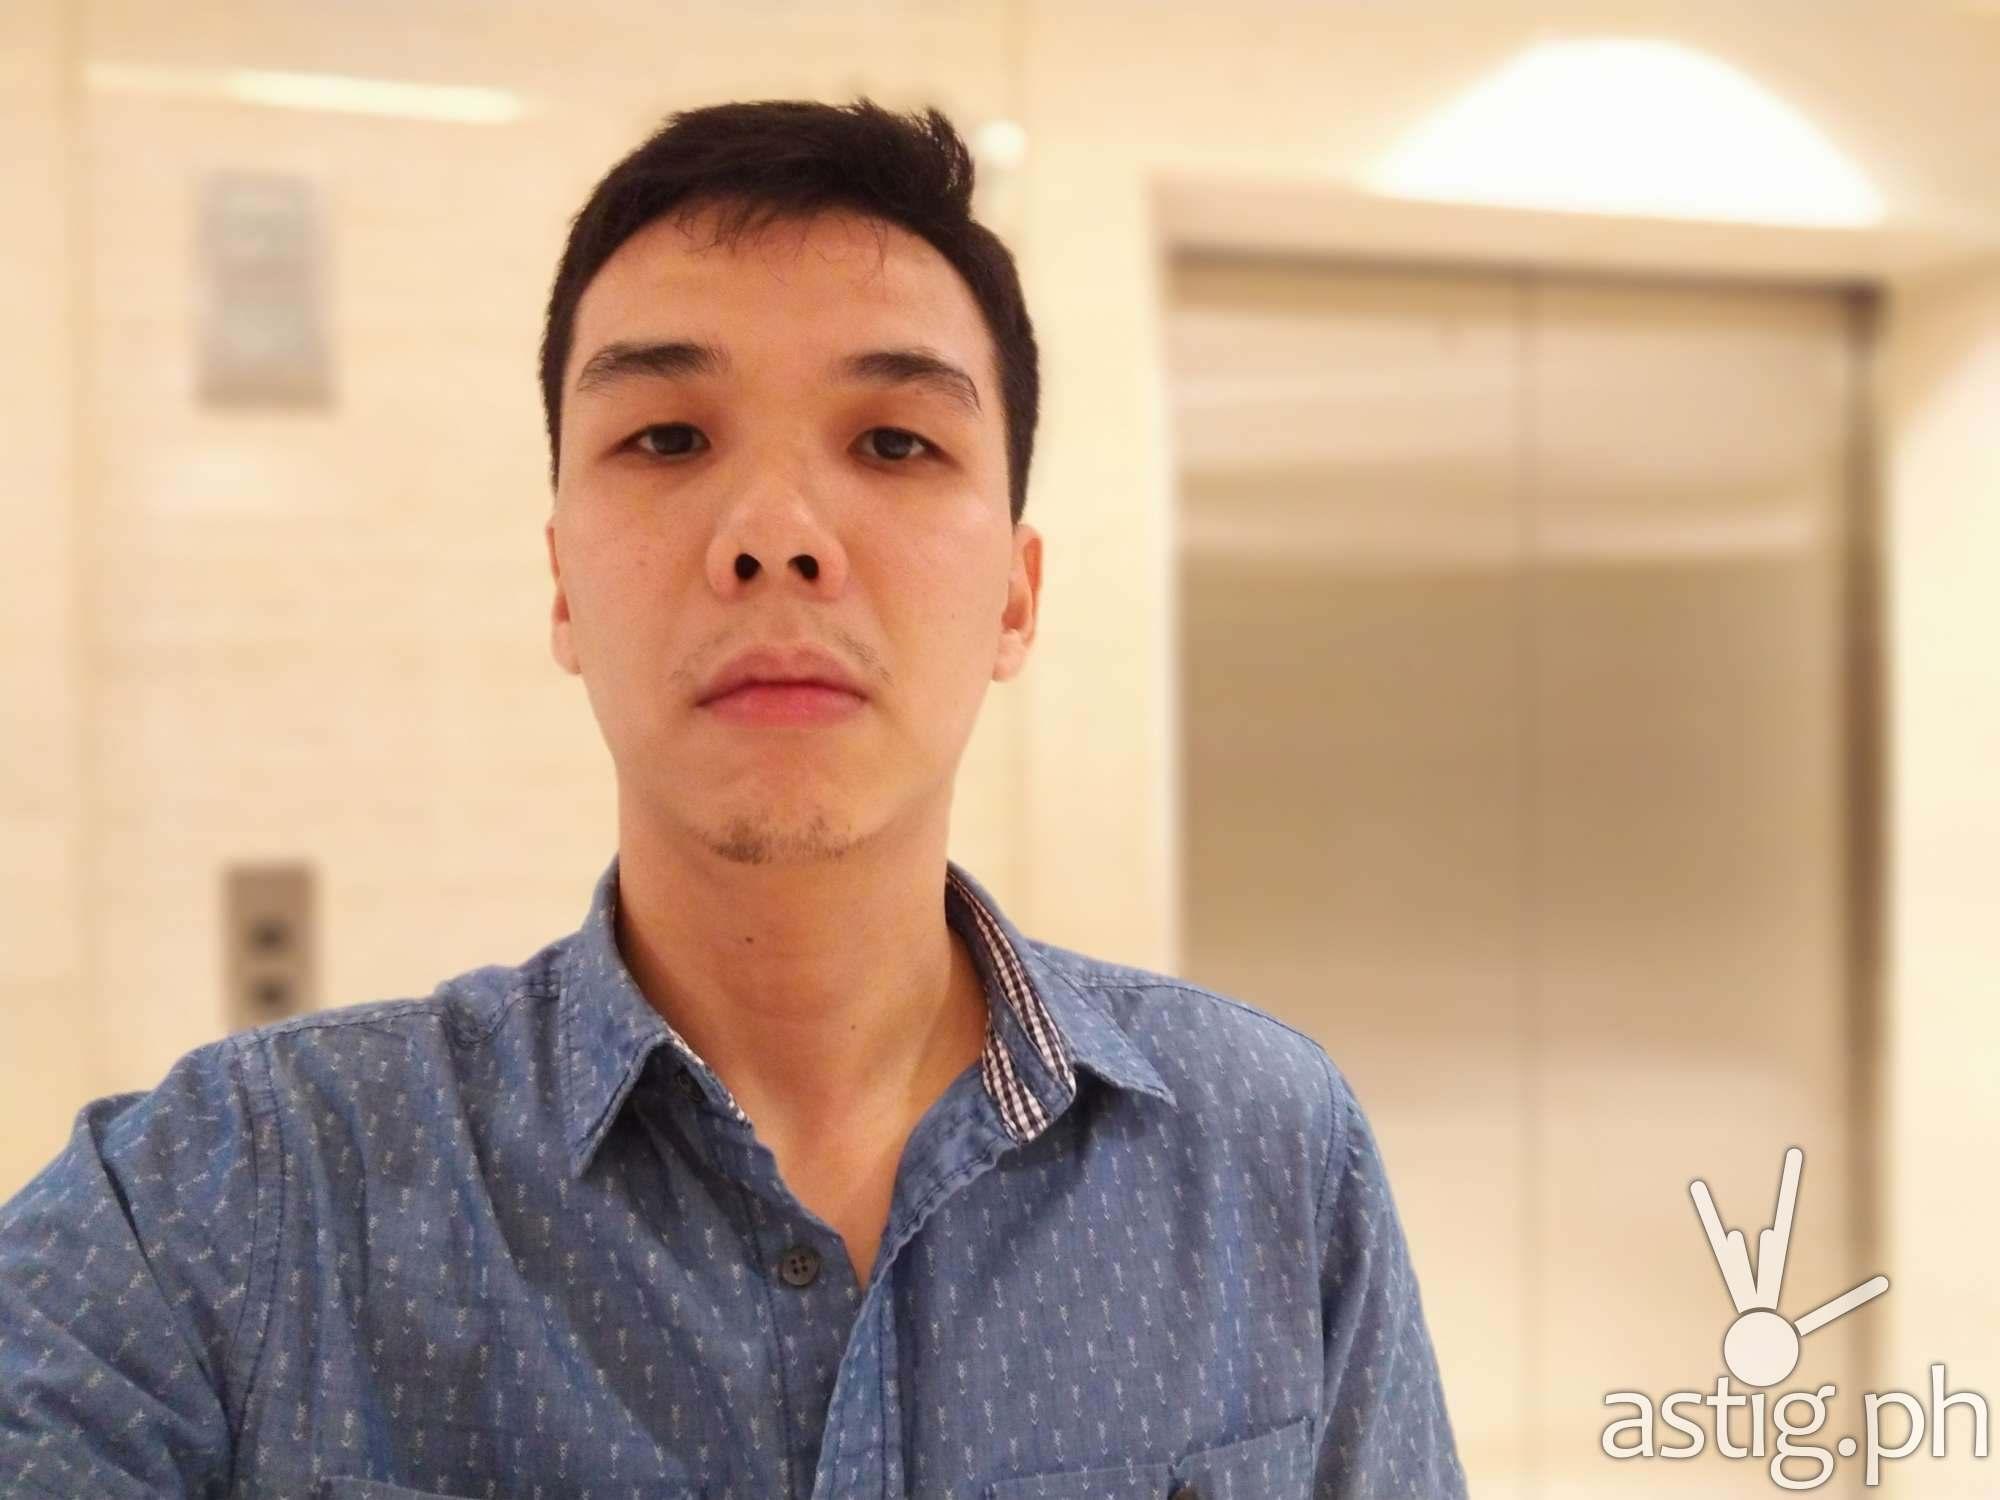 Zenfone 5 sample photo - selfie (indoors)